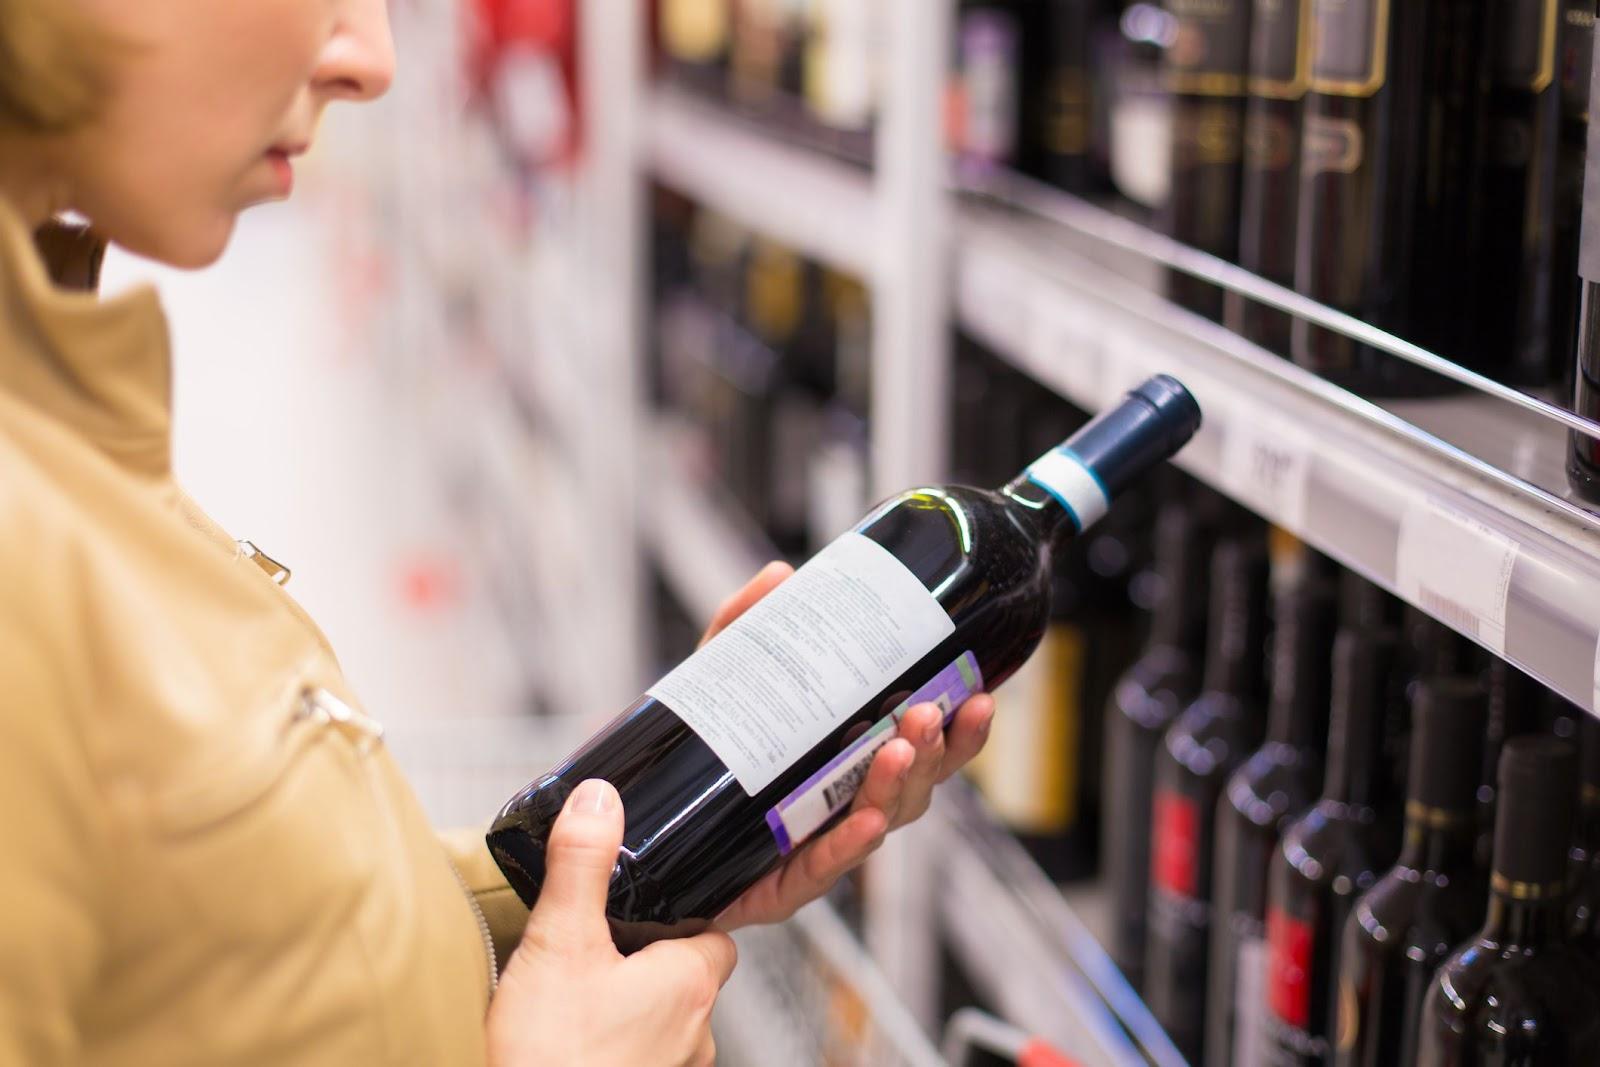 акцизная марка на алкоголь проверить